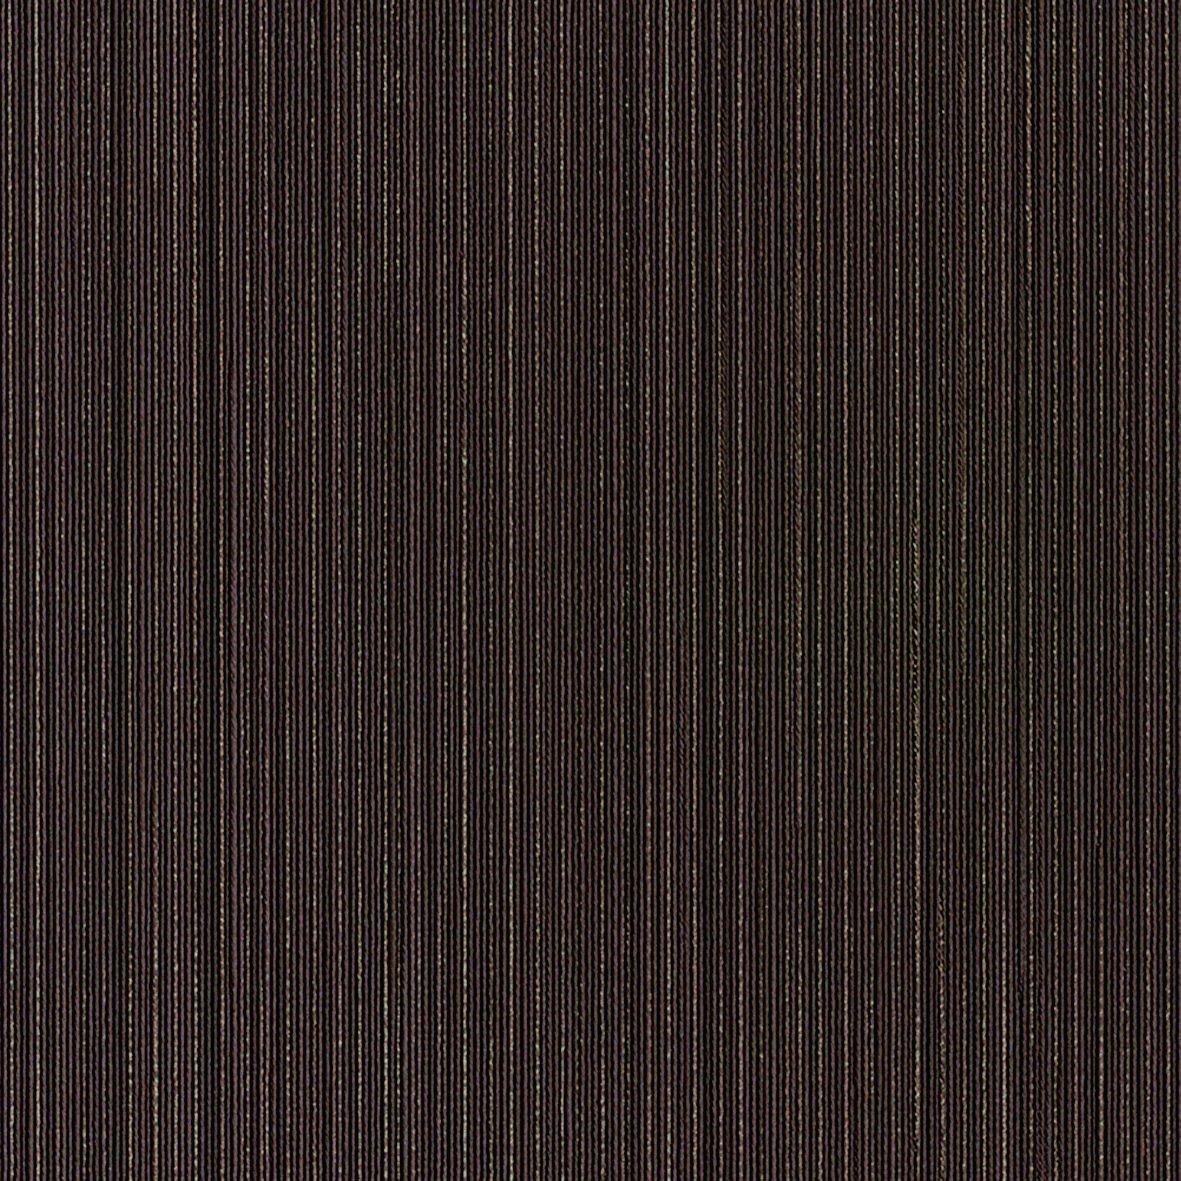 リリカラ 壁紙50m シック ストライプ ブラウン LL-8939 B01MRGZAO6 50m|ブラウン